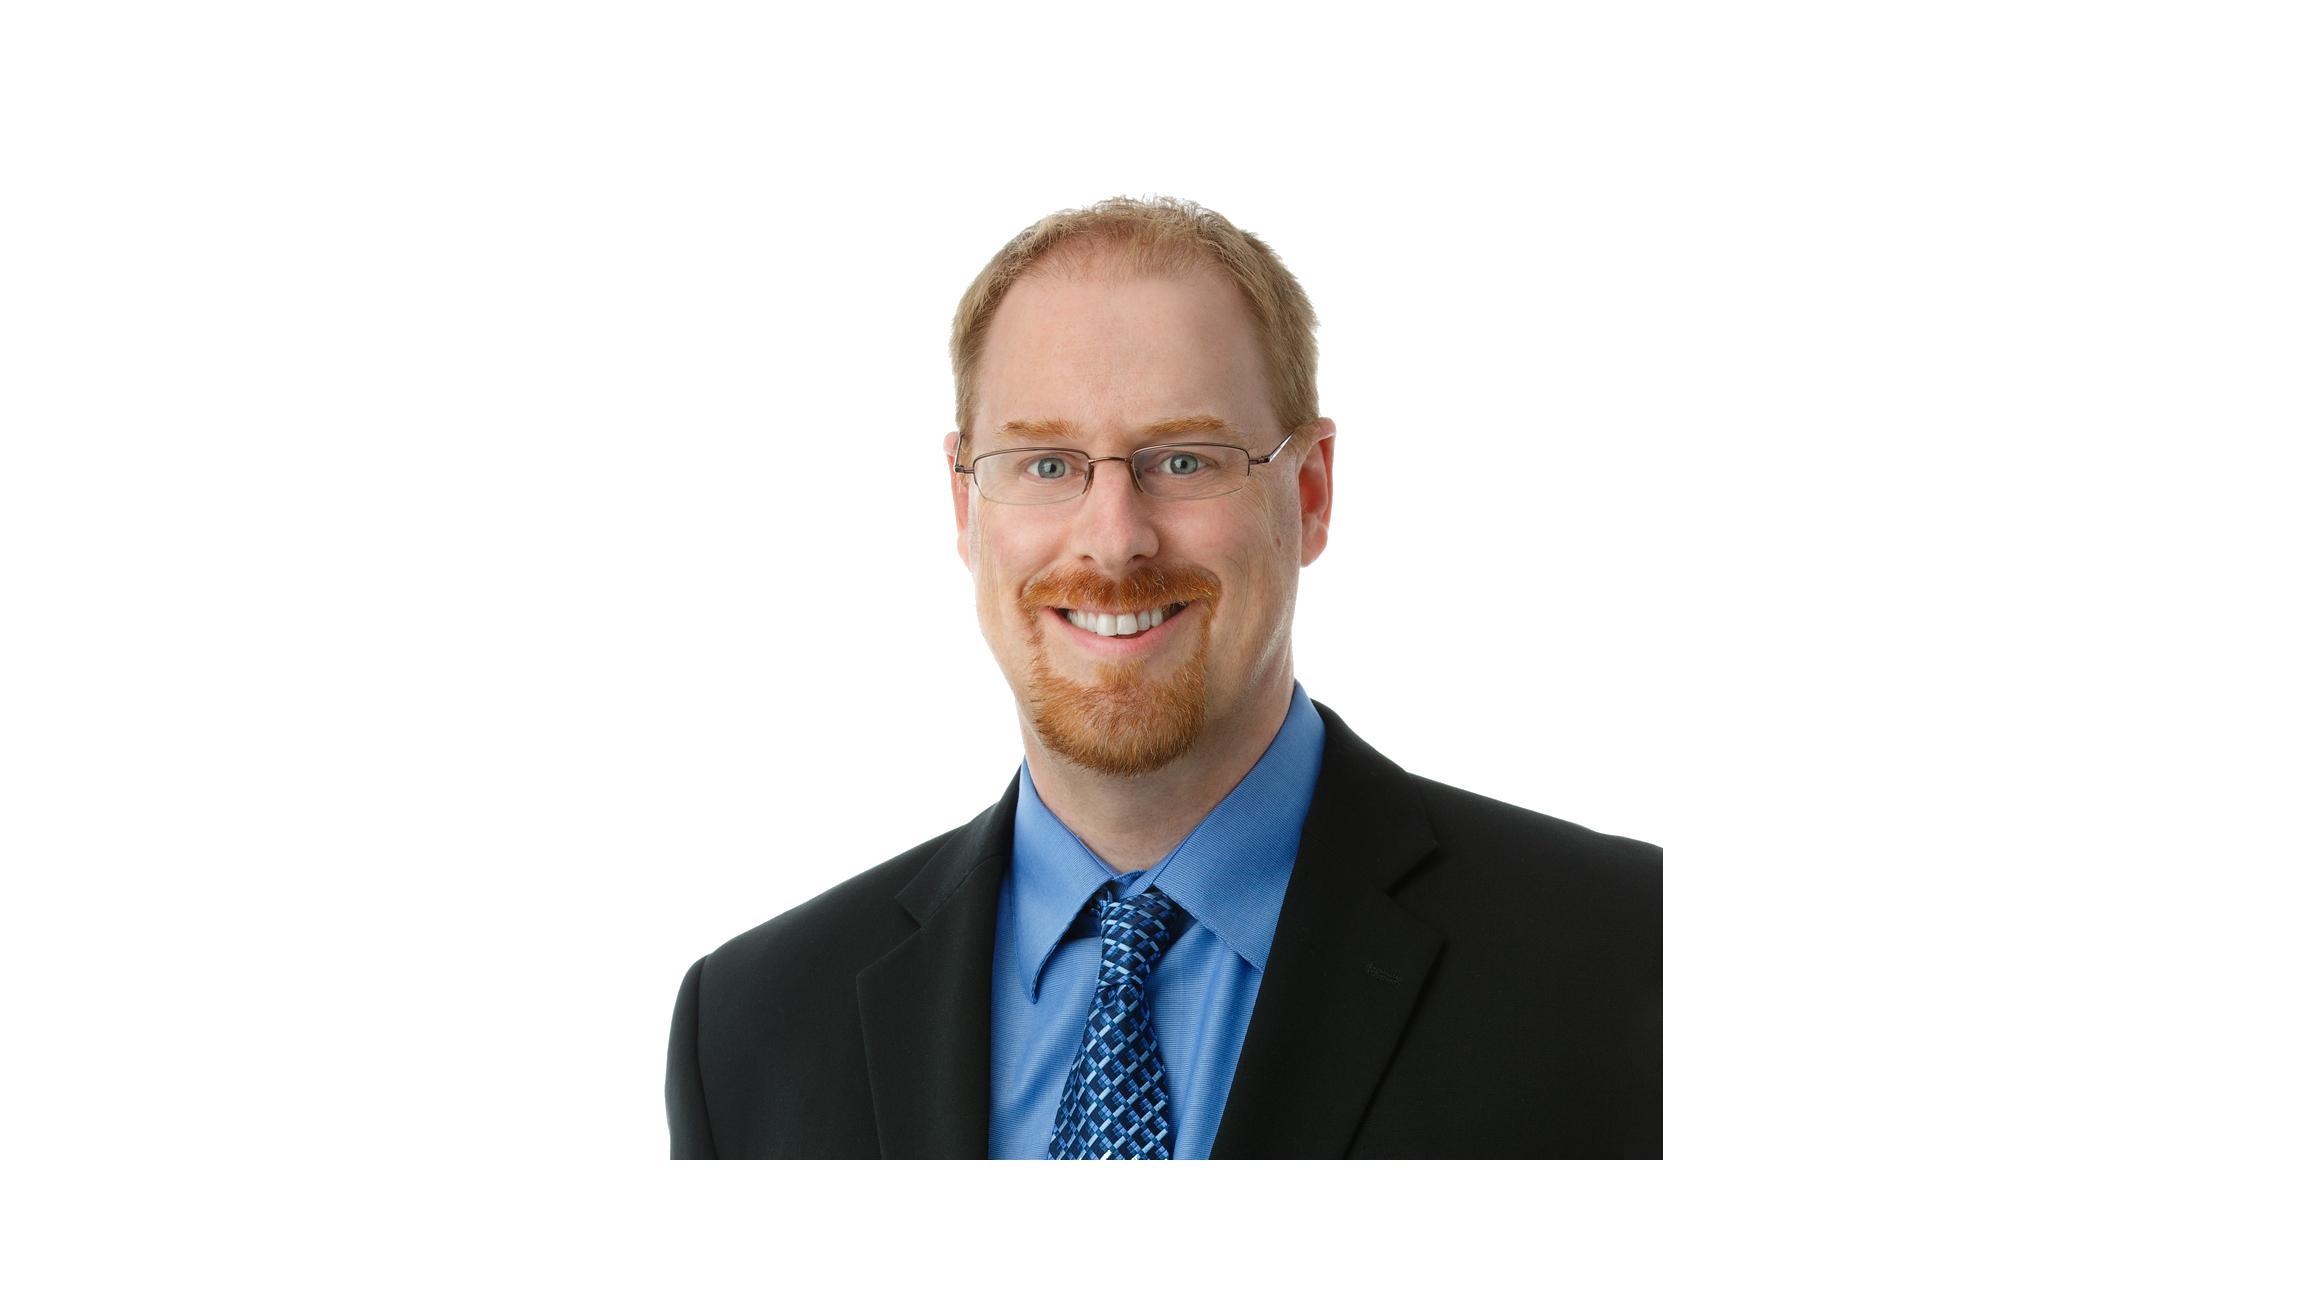 Ken Puls, FCPA, FCMA profile image